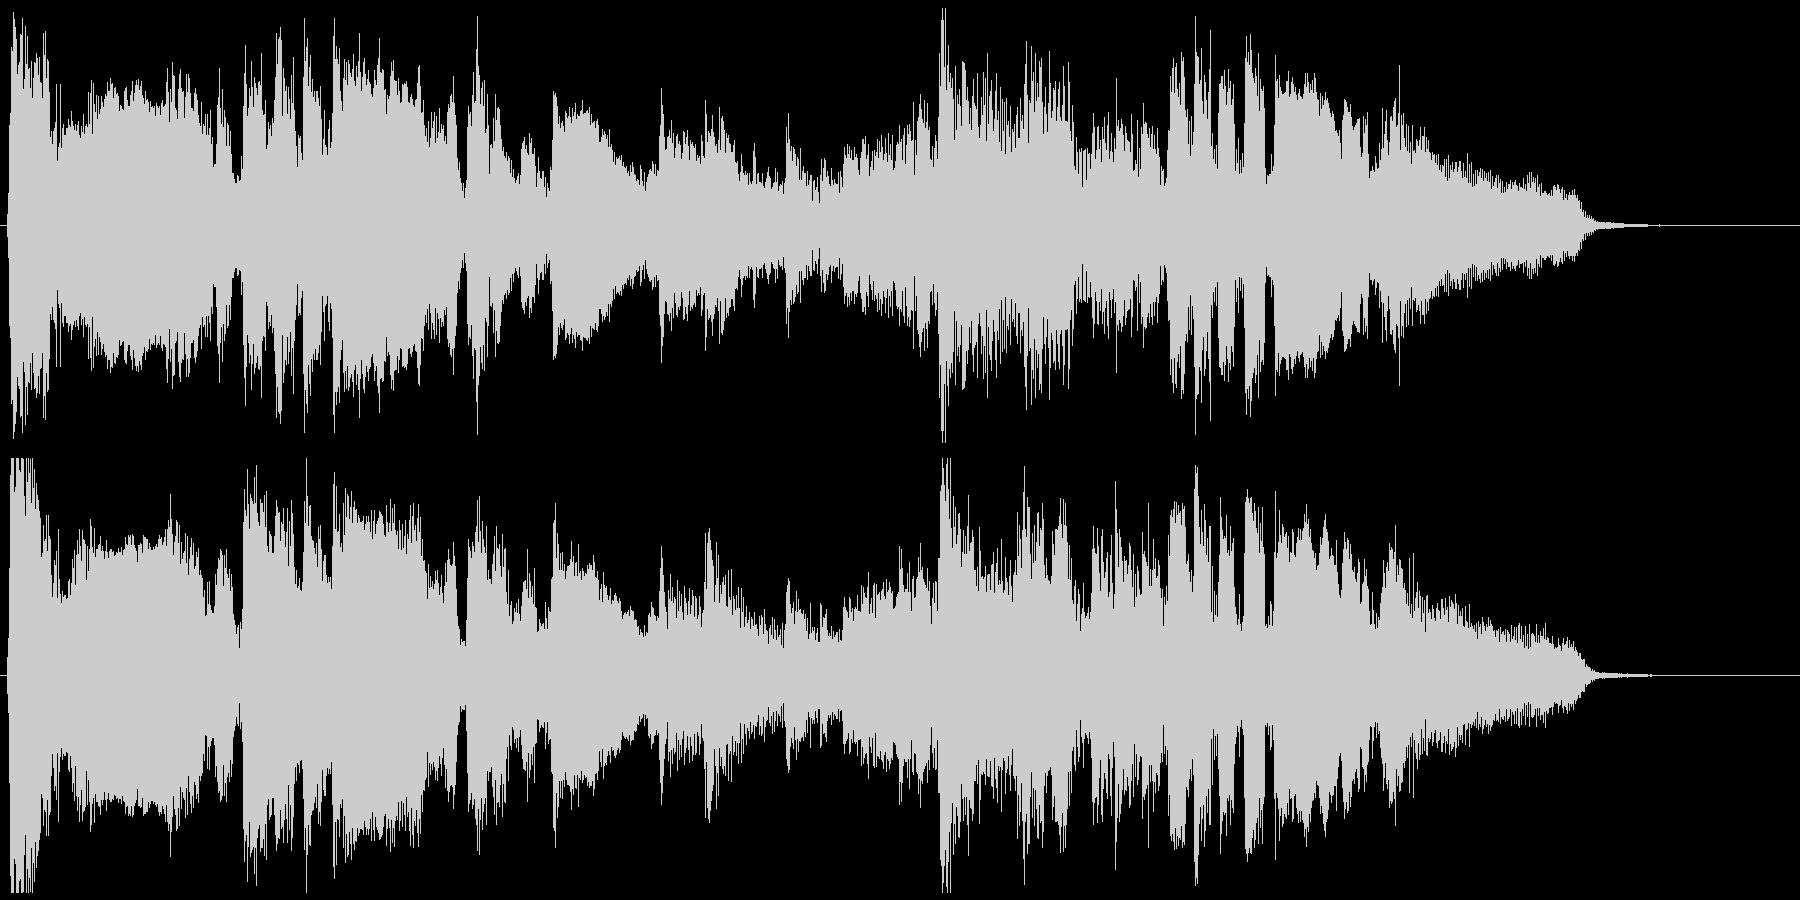 ムードある15秒CM向けサックスバラードの未再生の波形